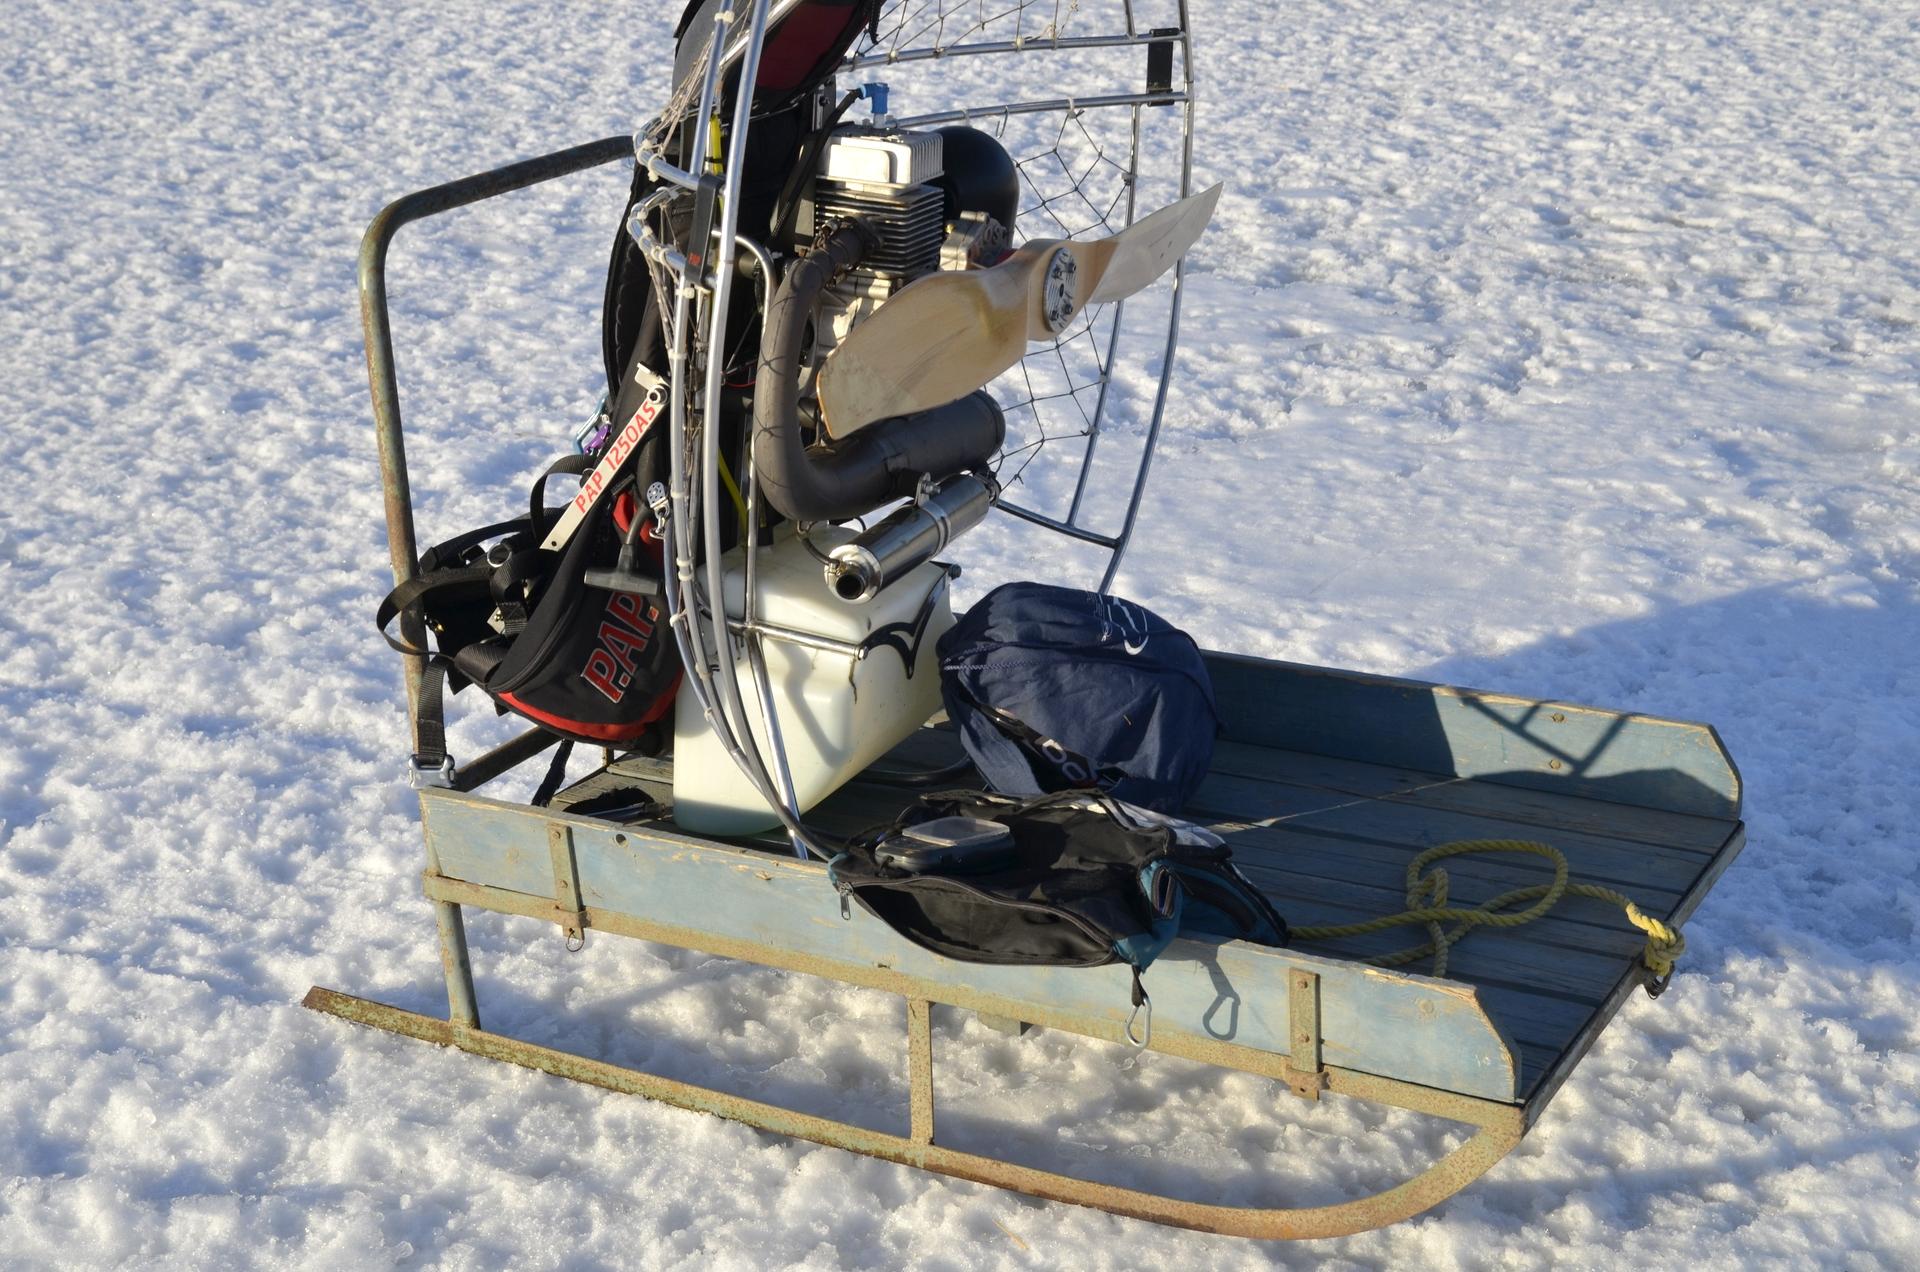 """Tällä kertaa lensinkin tällaisella """"reppukoneella"""" kun jäältä on niin hyvä startata. Vesikelkka toimi hyvänä apuna tavaroiden kuskauksessa."""